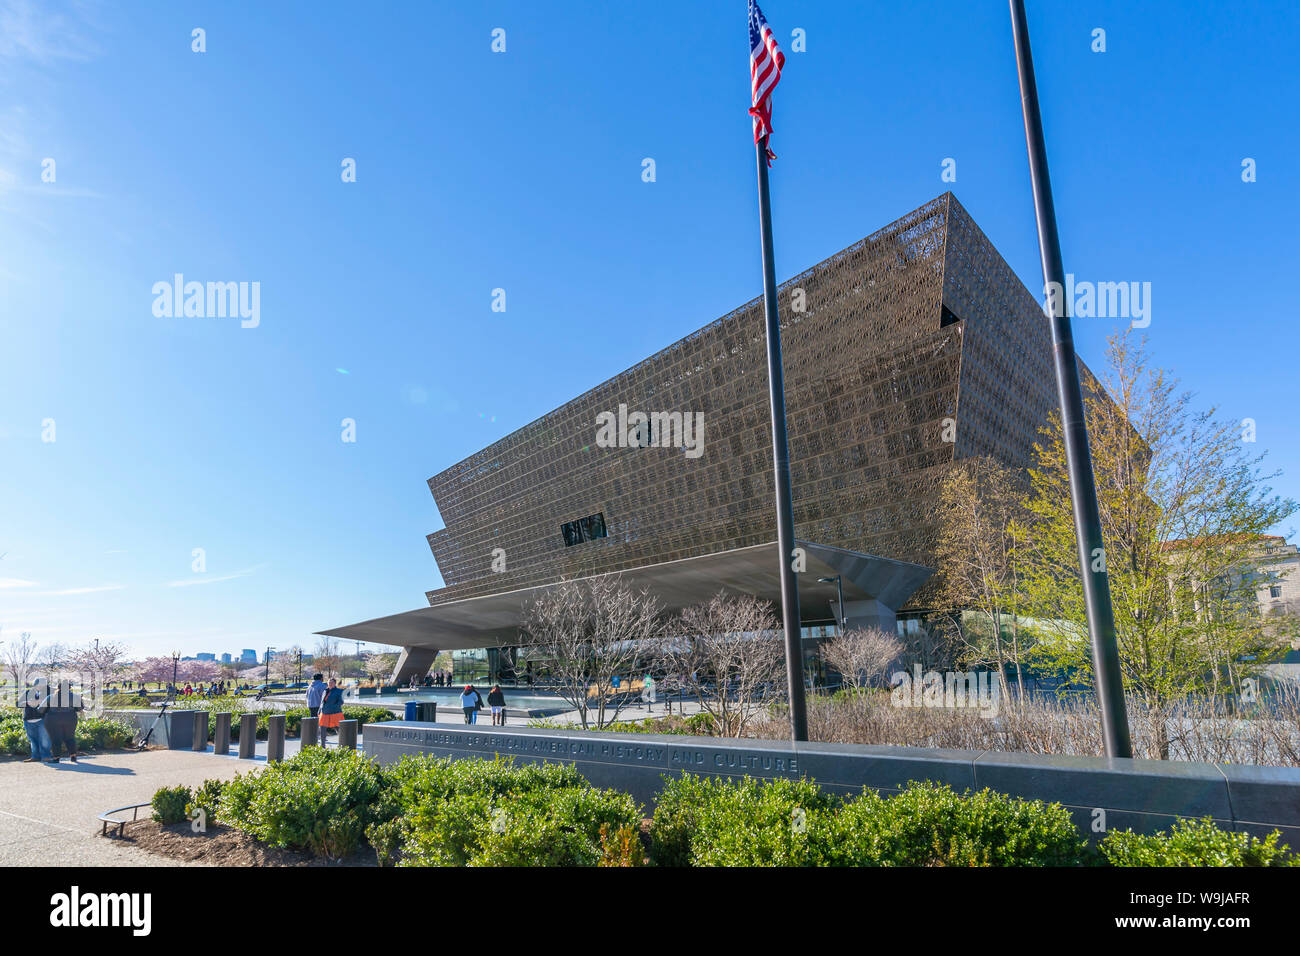 Il Museo Nazionale di afro-americano della storia e della cultura in primavera, Washington D.C., Stati Uniti d'America, America del Nord Foto Stock